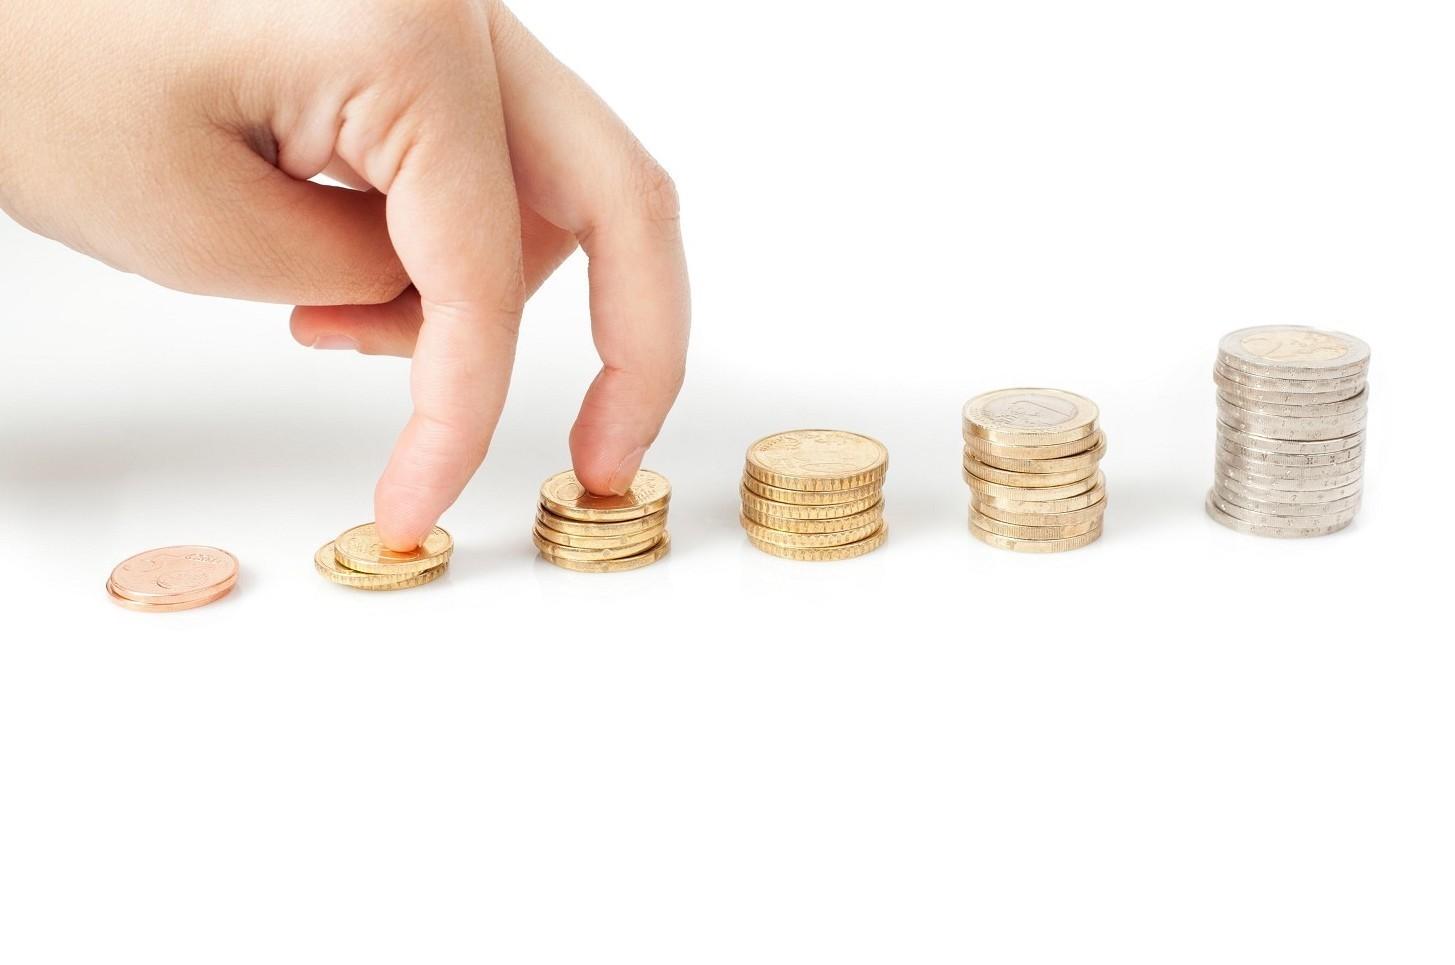 Pensione minima INPS a chi spetta, requisiti, calcolo importo con pensione di cittadinanza